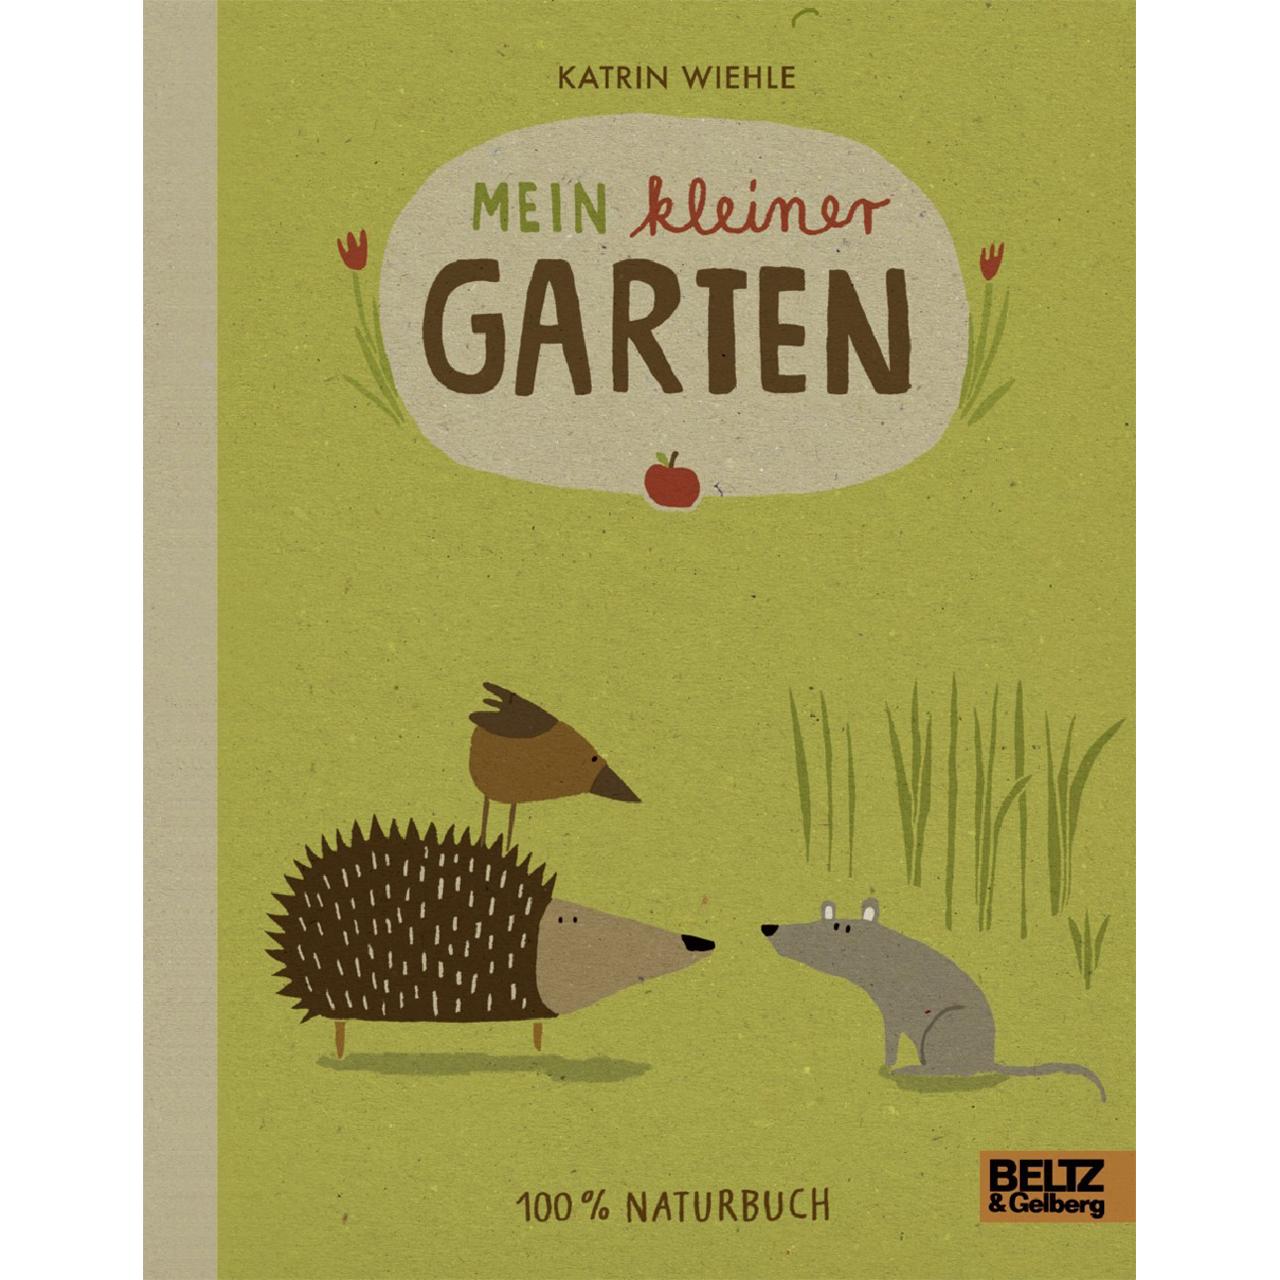 Wie Plane Ich Meinen Garten mein kleiner garten 100 naturbuch katrin wiehle zuckerfrei berlin